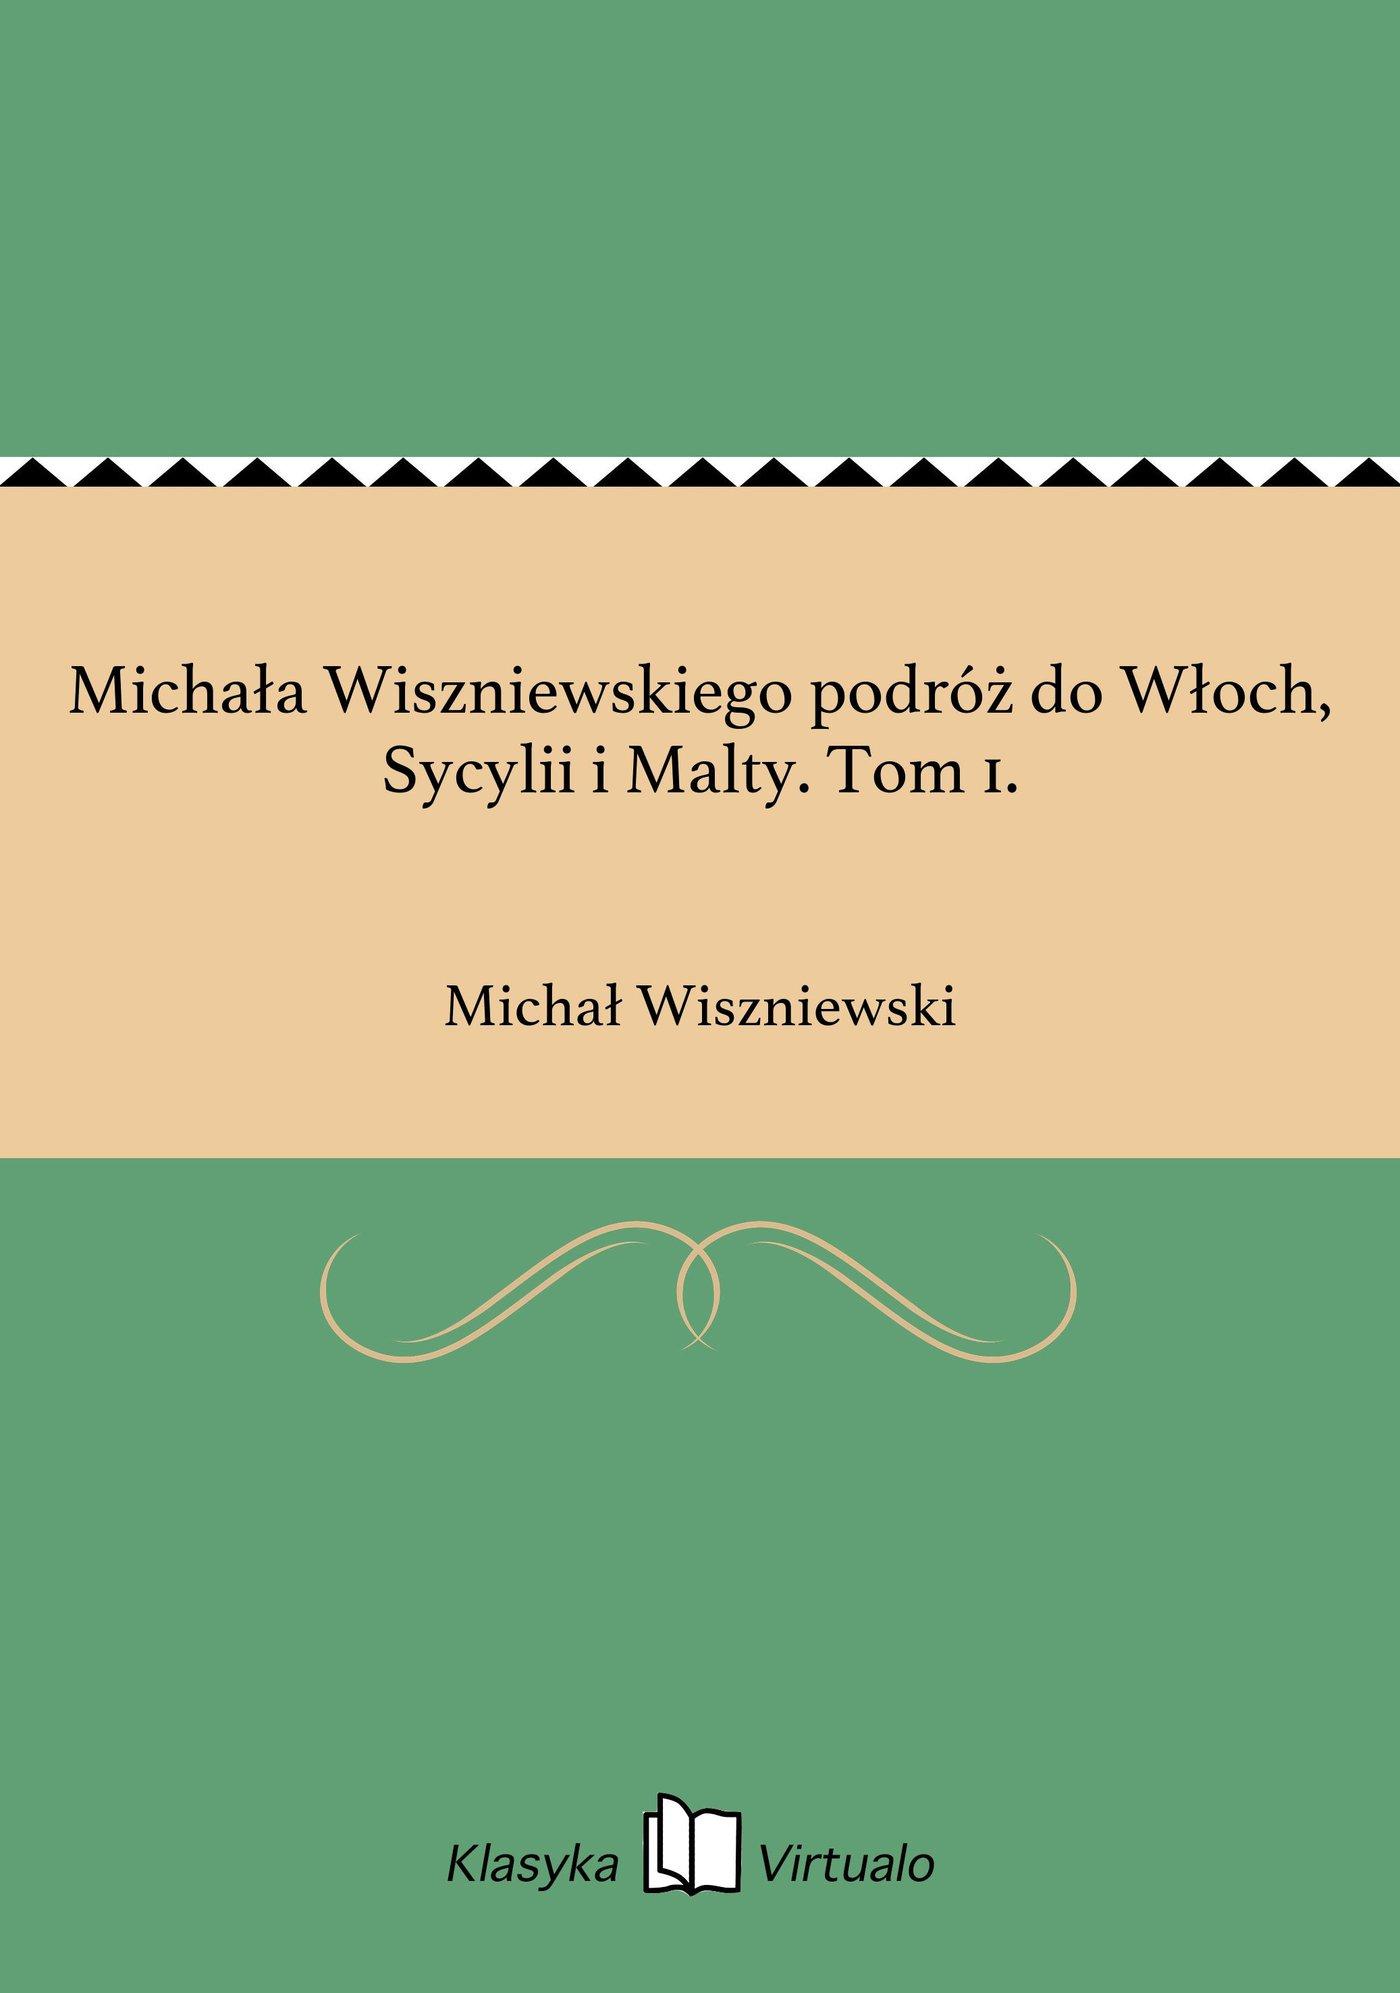 Michała Wiszniewskiego podróż do Włoch, Sycylii i Malty. Tom 1. - Ebook (Książka EPUB) do pobrania w formacie EPUB